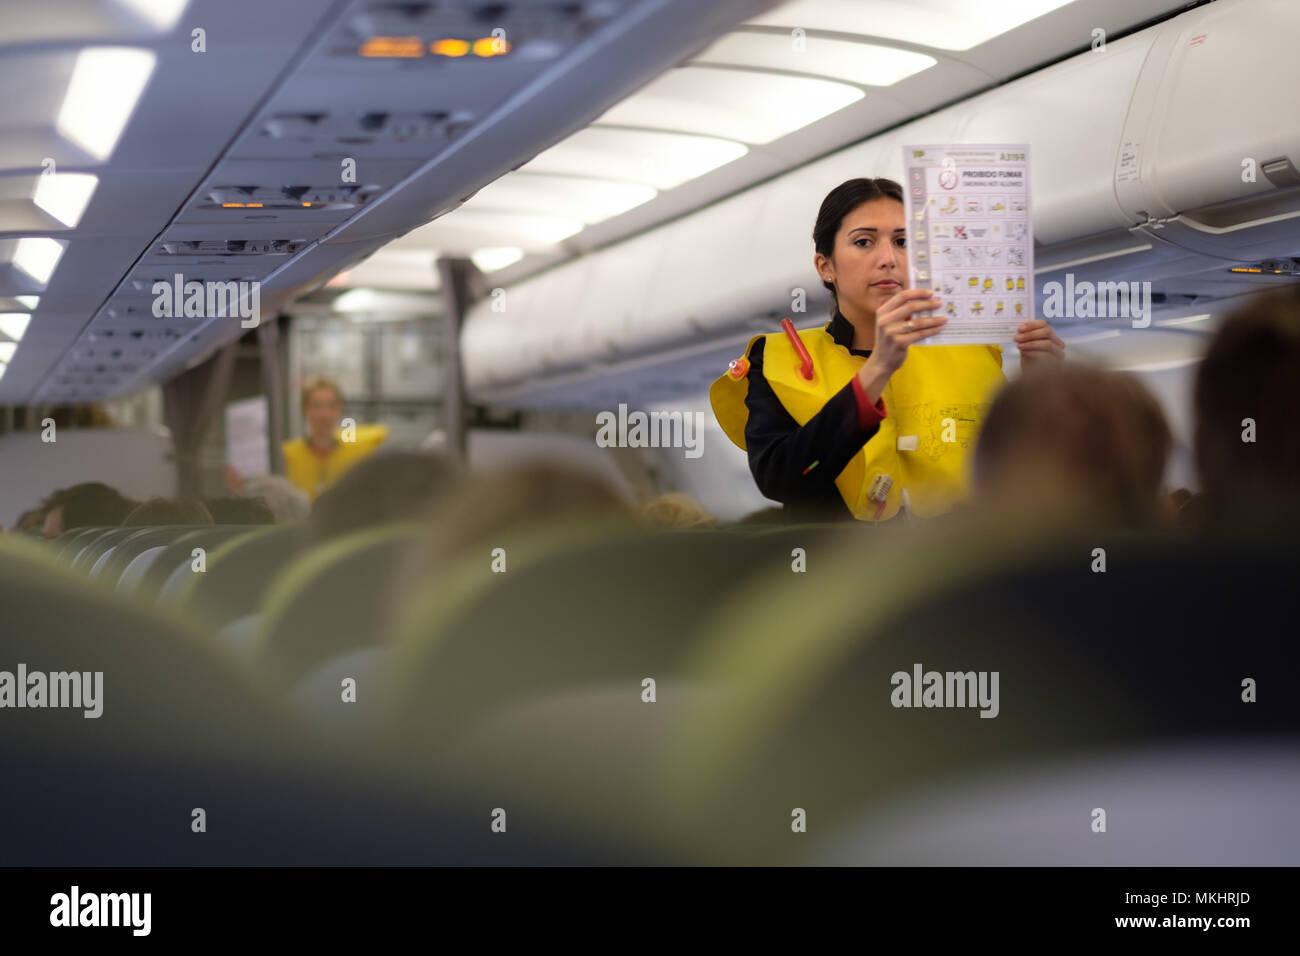 Un assistente di volo dimostrando le procedure di sicurezza per la Immagini Stock